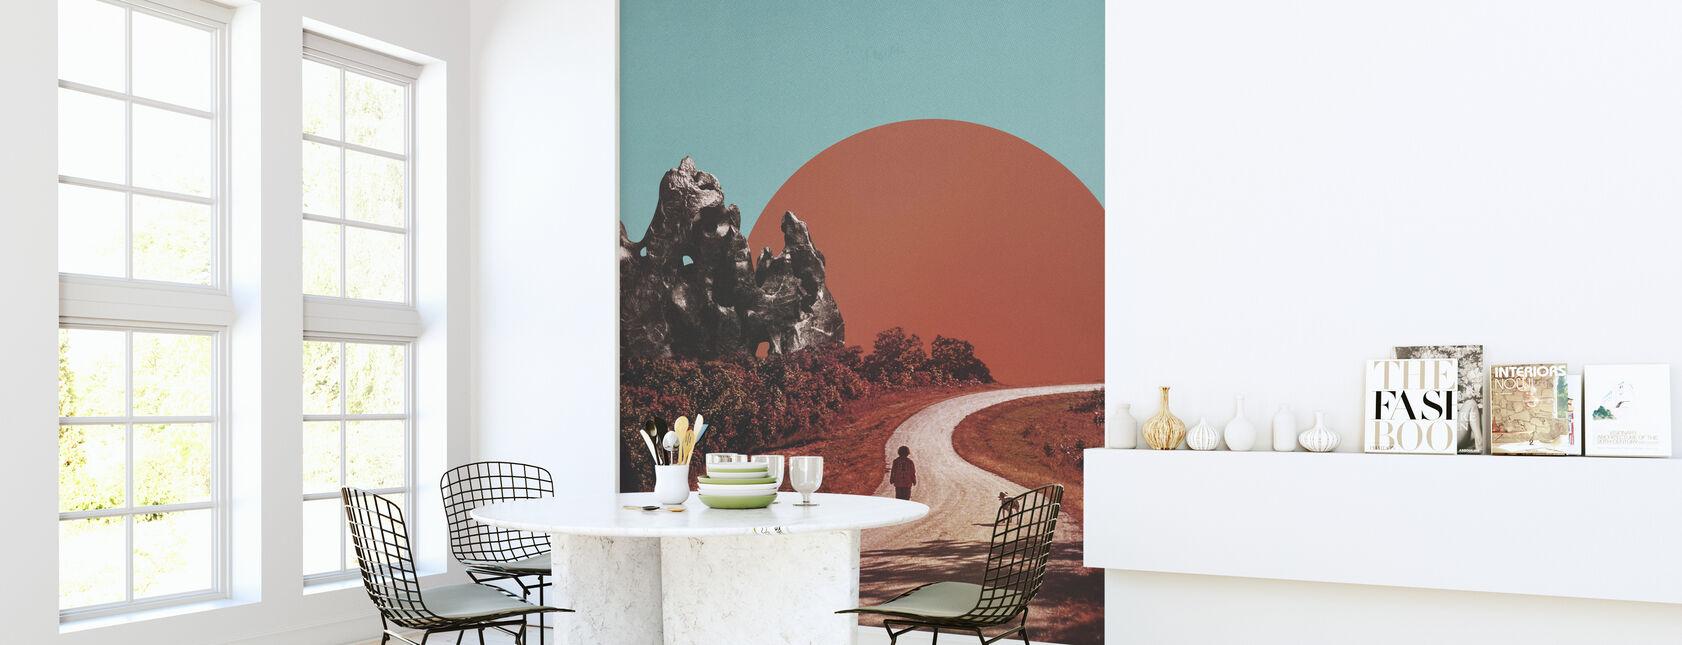 Walk - Wallpaper - Kitchen